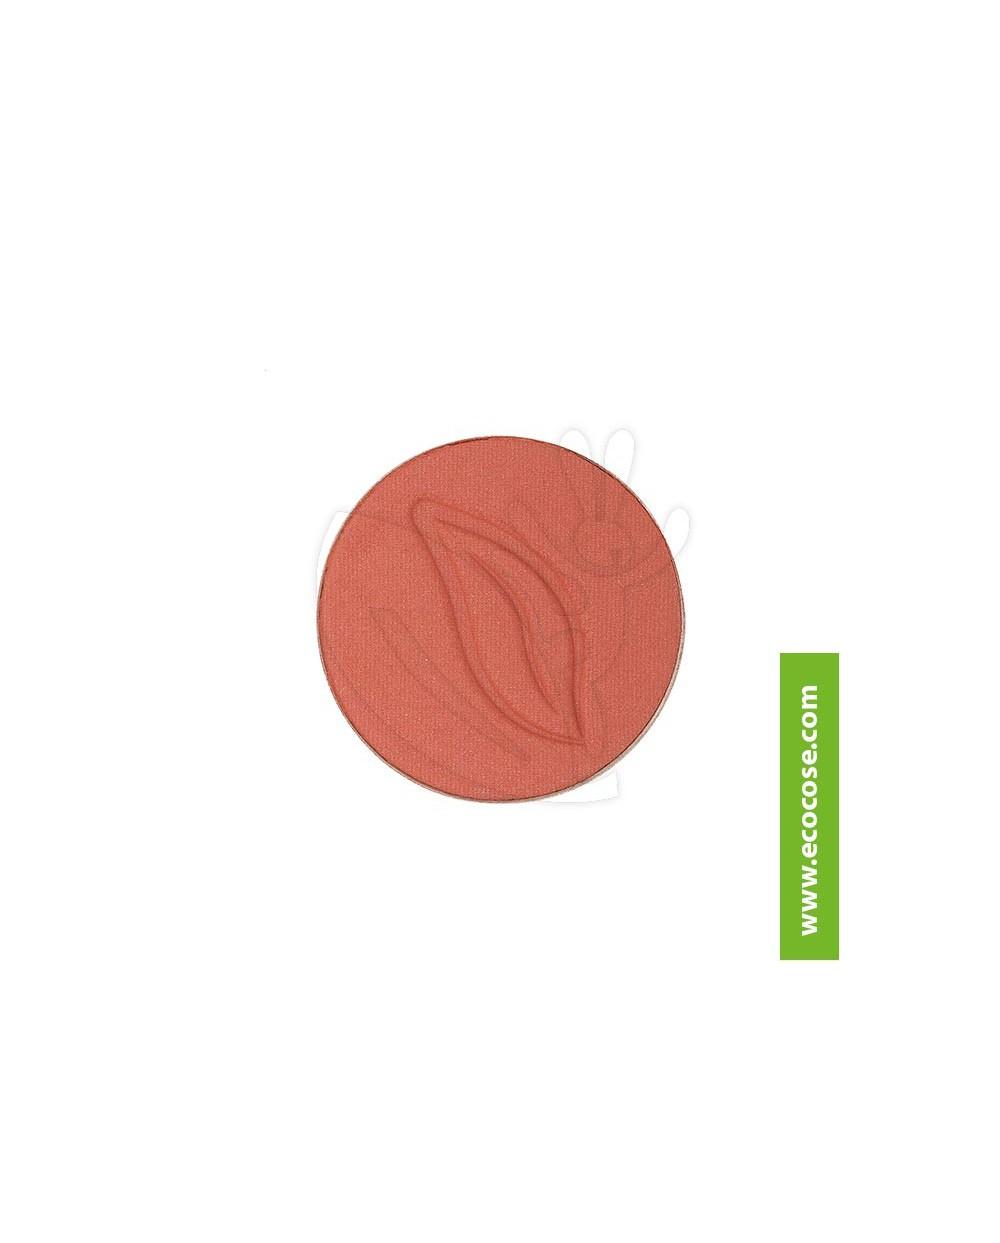 PuroBIO Cosmetics - Ombretto in cialda 28 Arancio Scuro REFILL